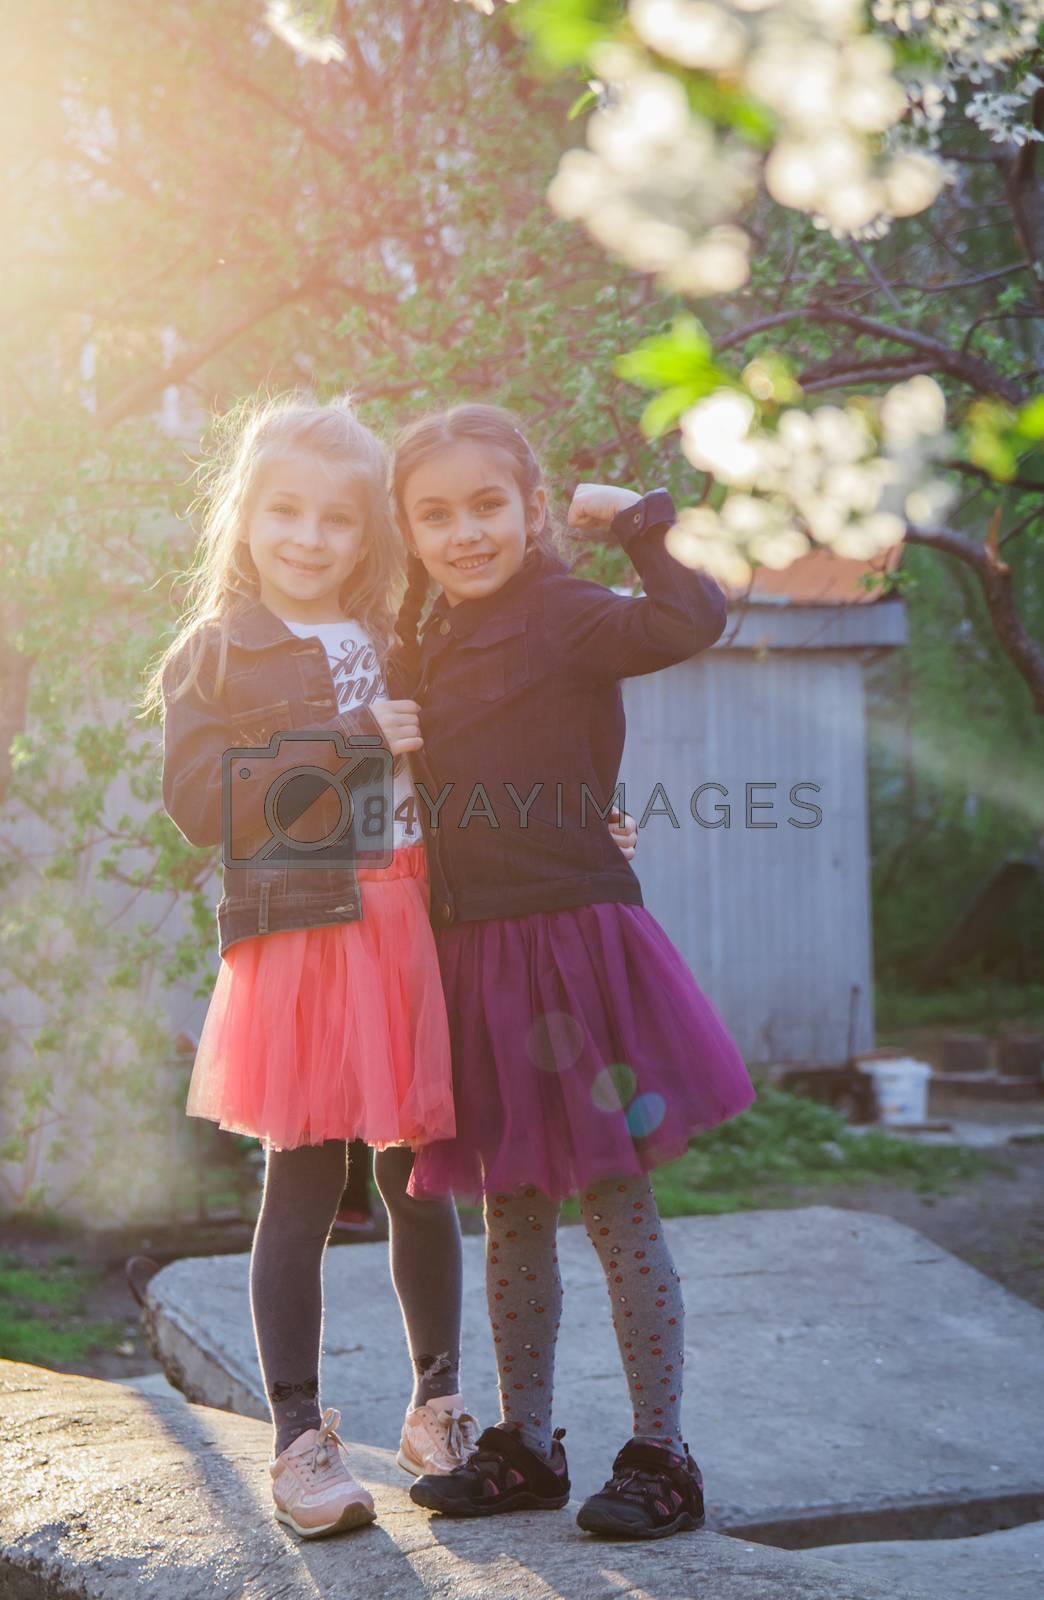 Two girls enjoying spring garden at sunset